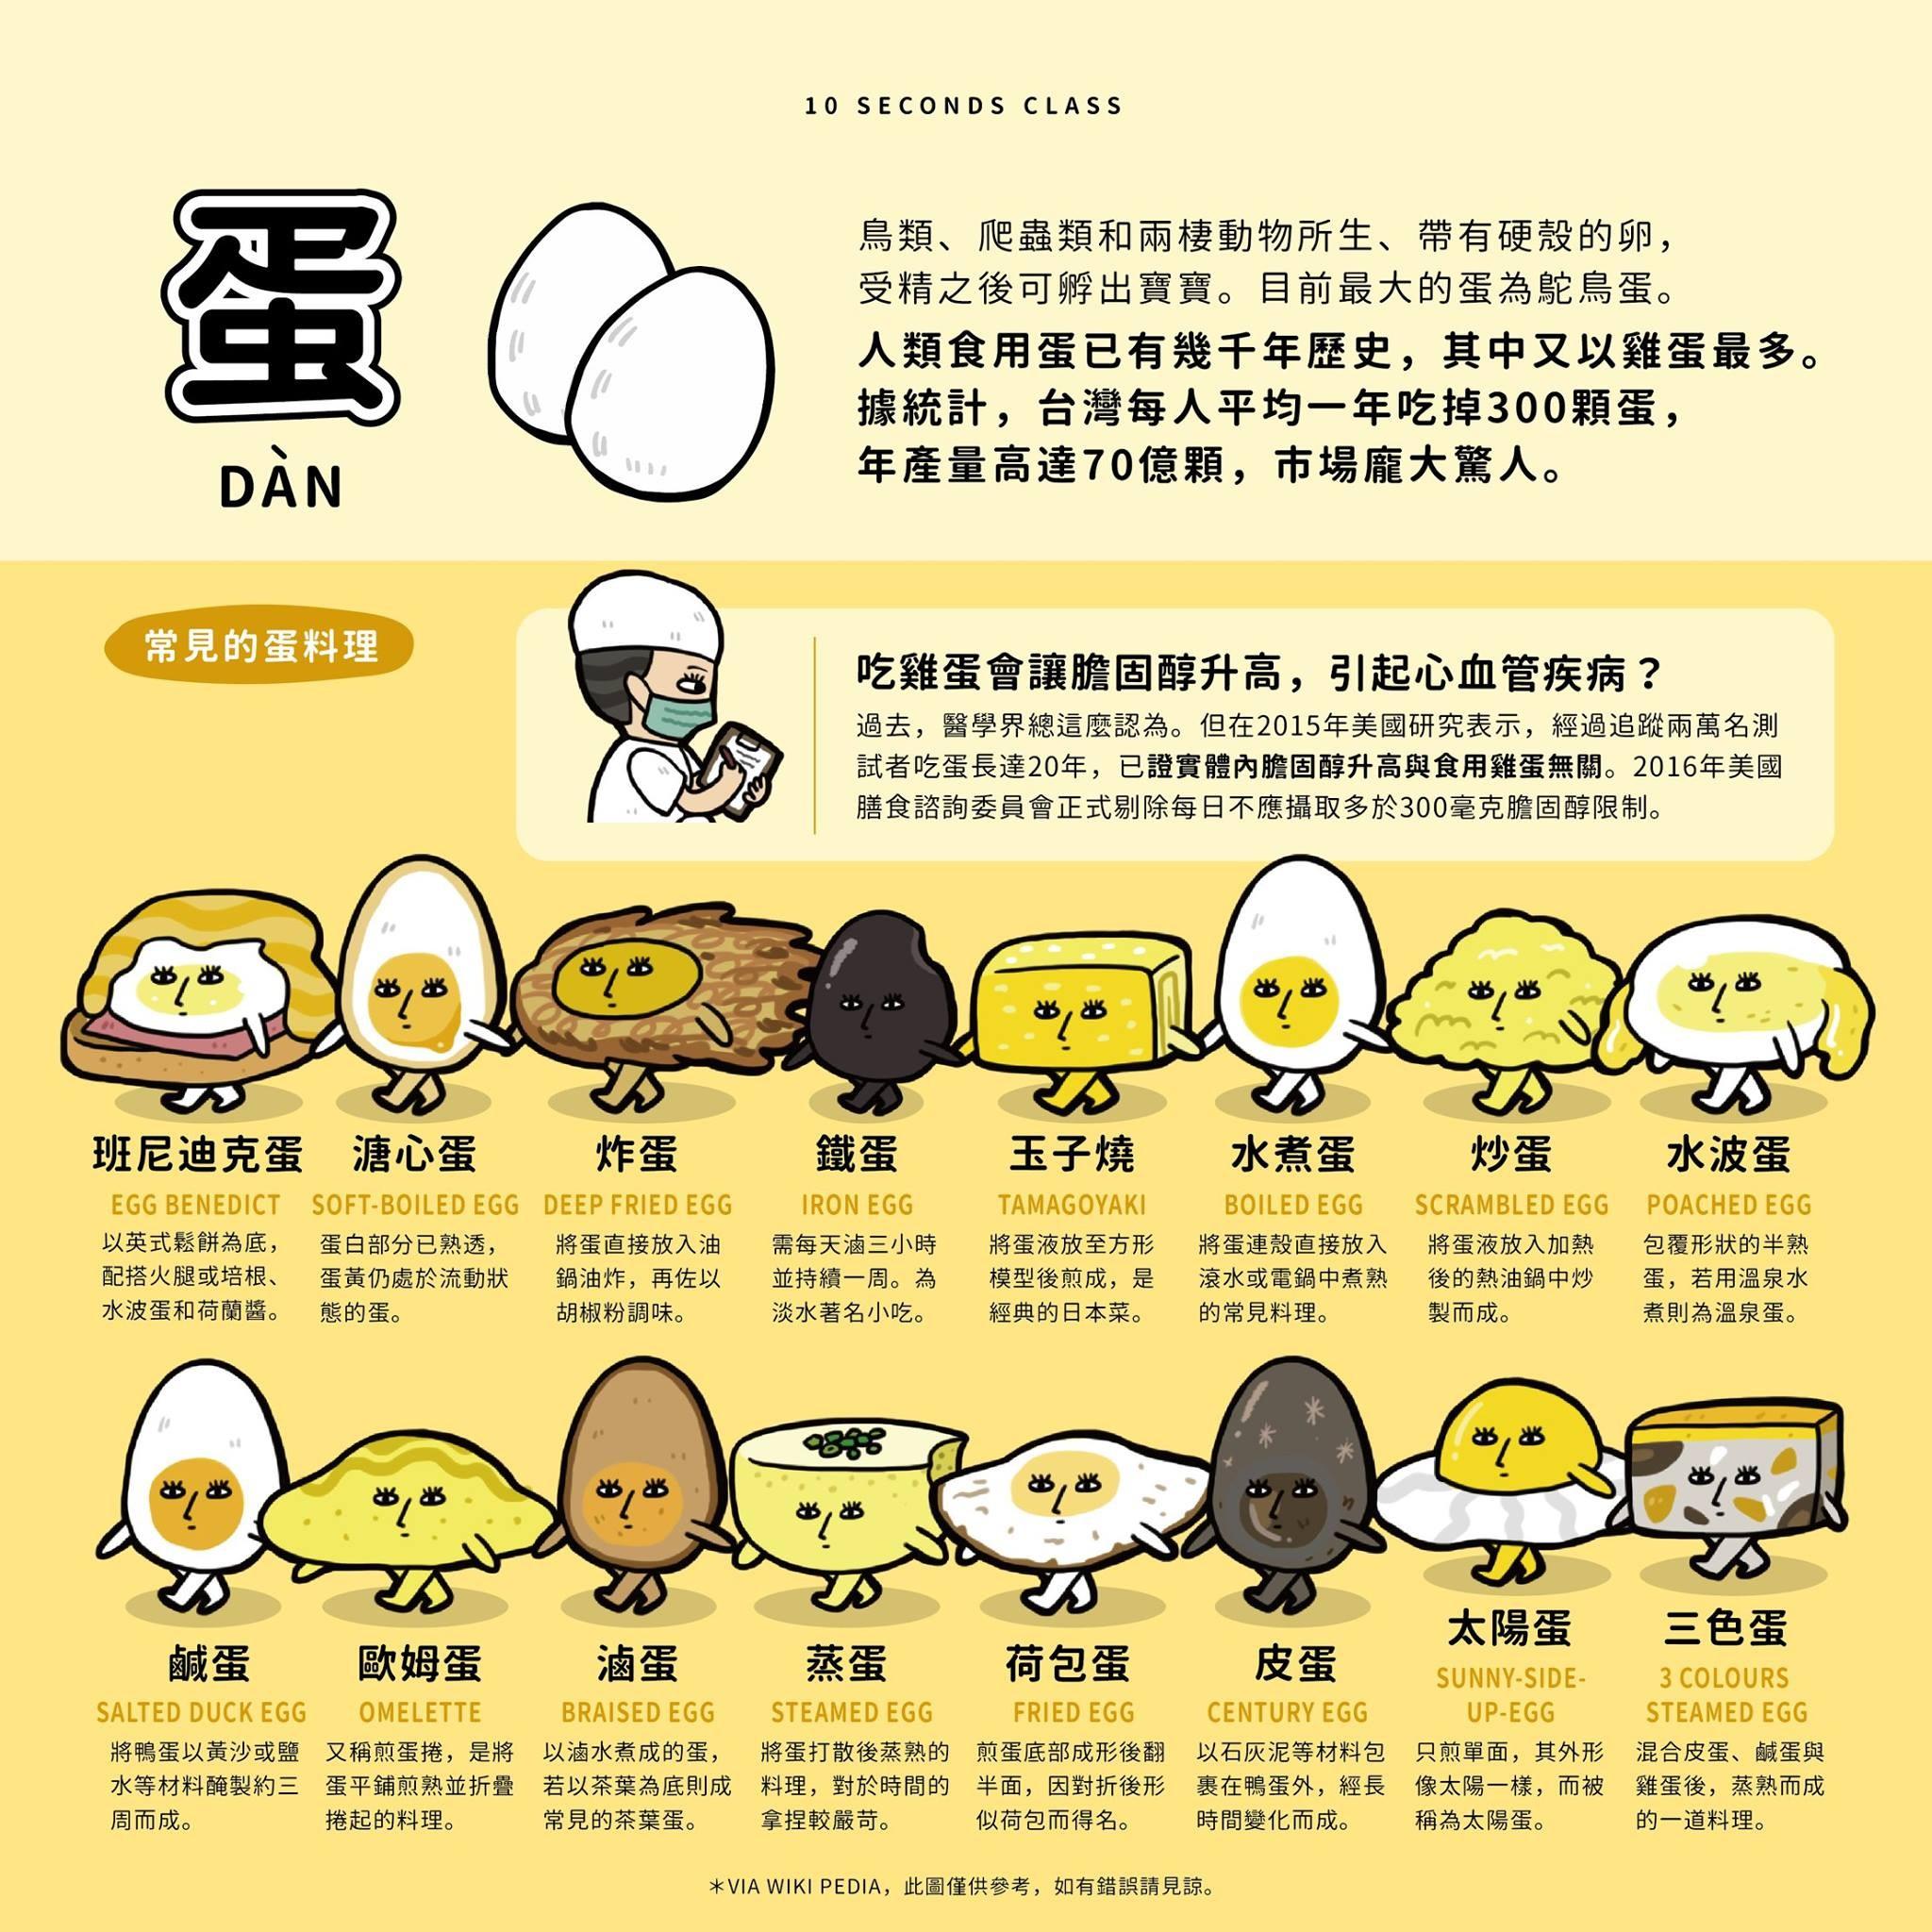 圖解16種常見「蛋料理」網狂喜!(圖/《10 Seconds Class - 10秒鐘教室》授權提供)